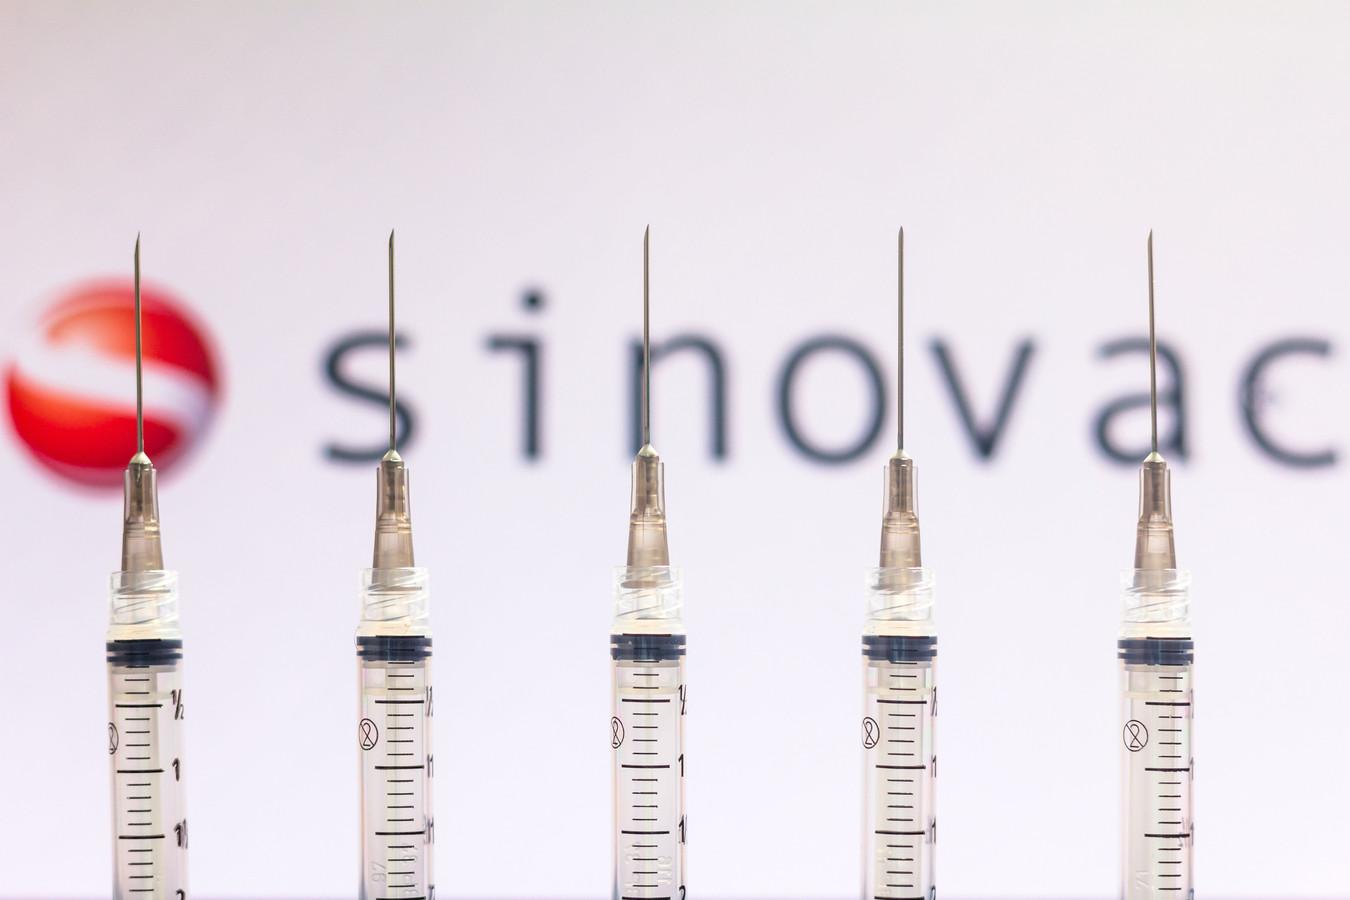 Het vaccin van Sinovac zou een effectiviteit van 97 procent hebben.